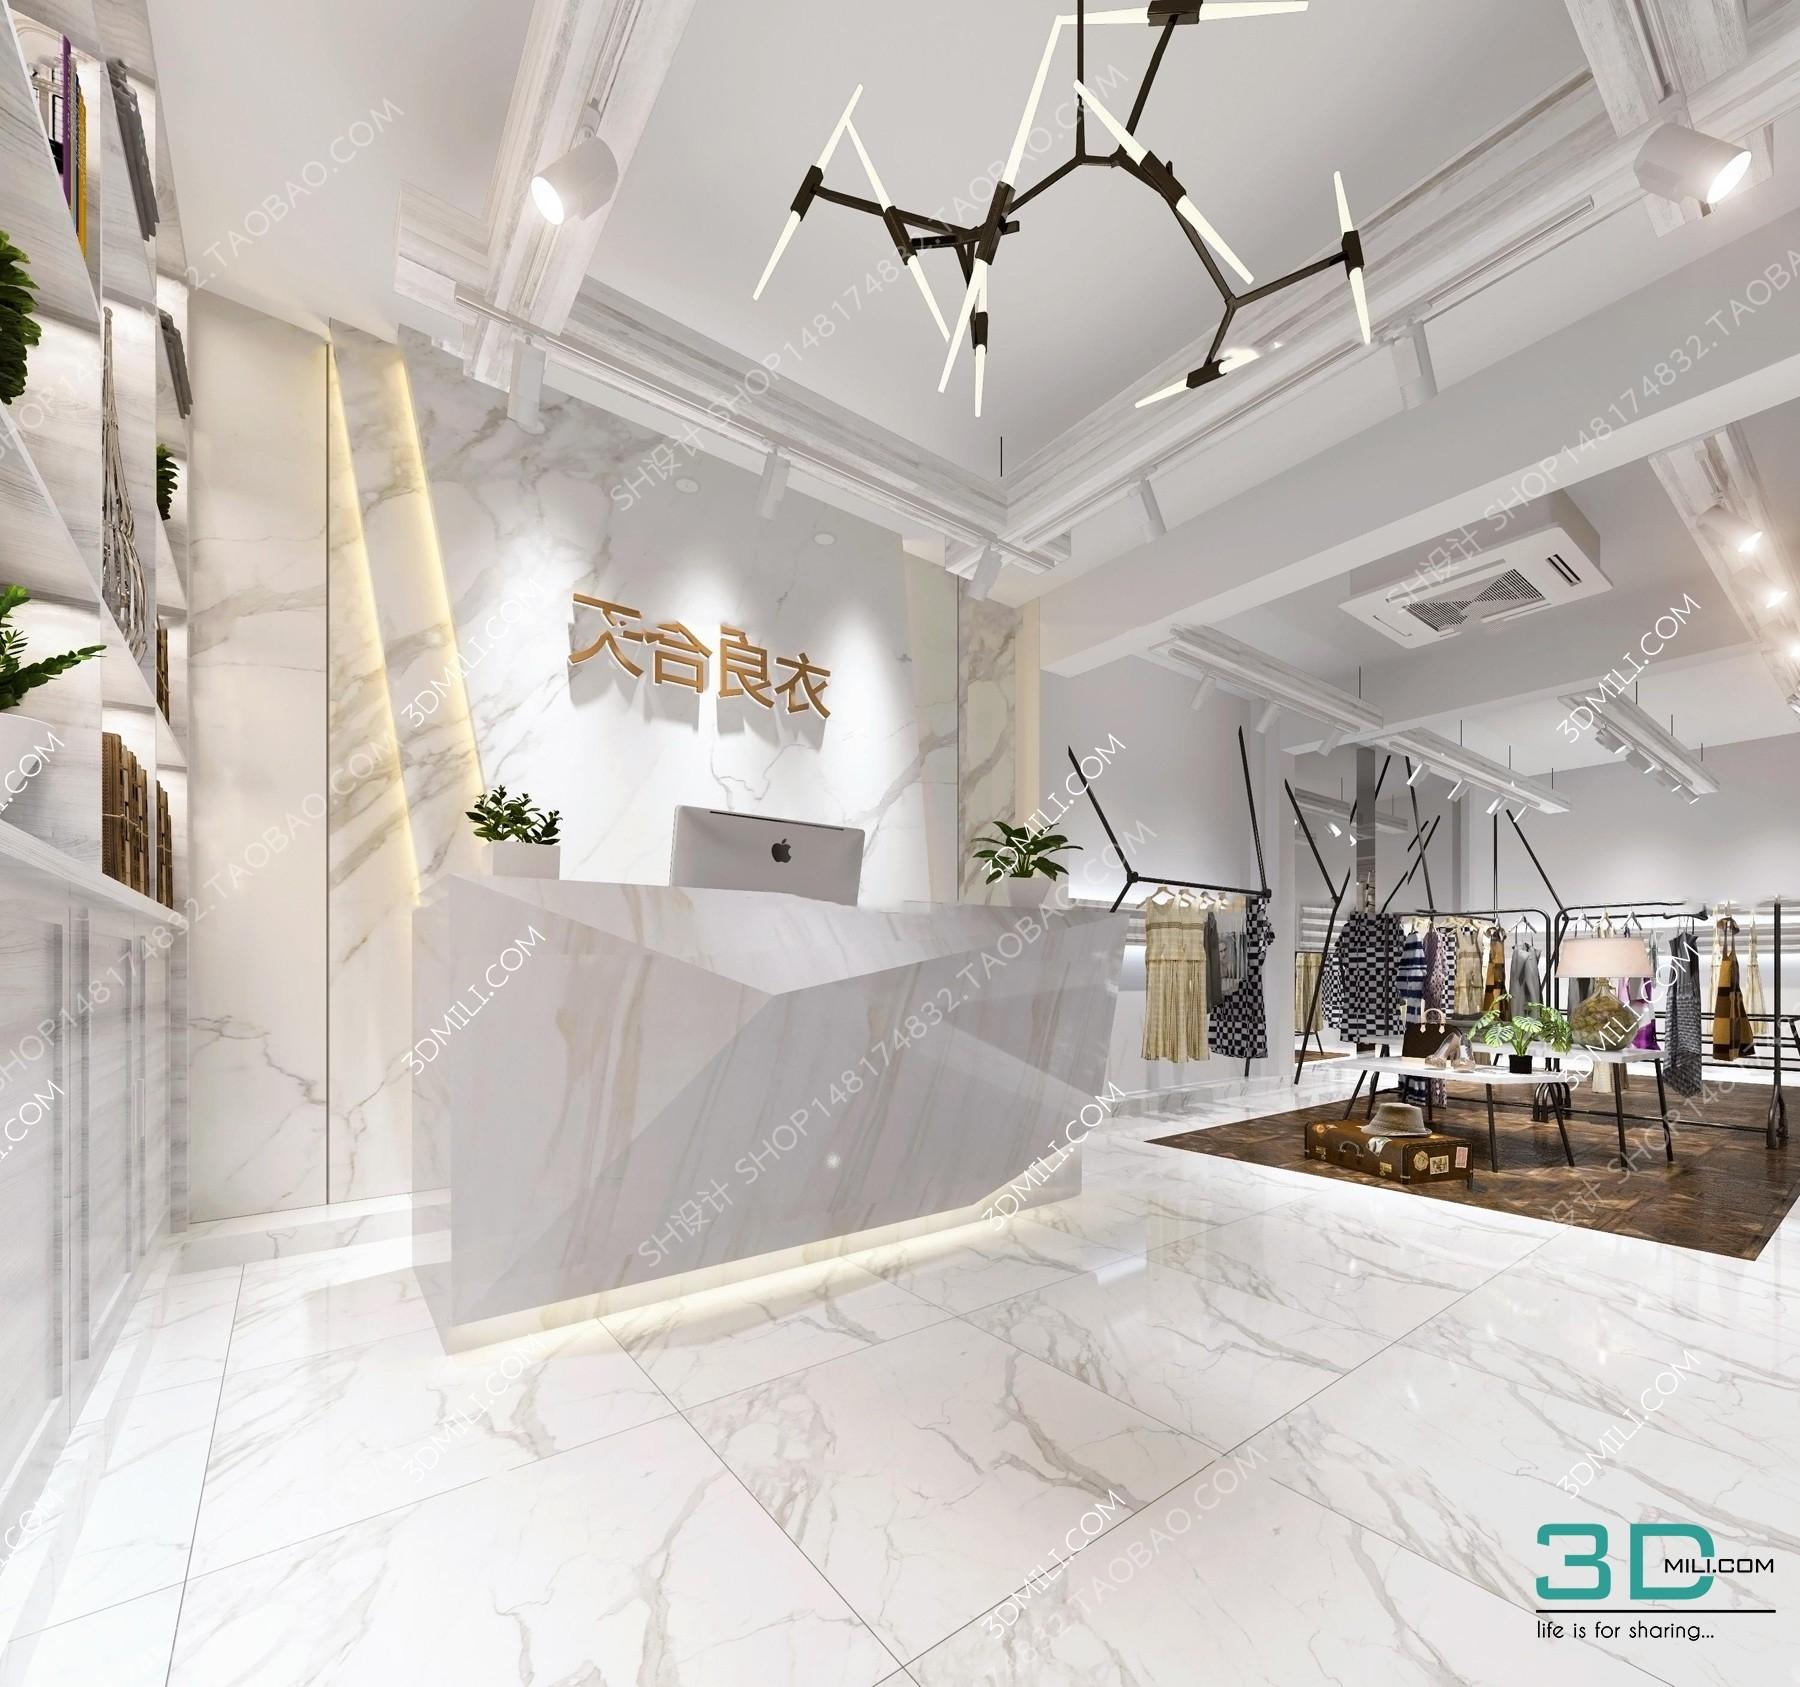 Album Clothing Store, Shop New Model   Interior Design   3D Mili   Download 3D  Model   Free 3D Models   3D Model Download